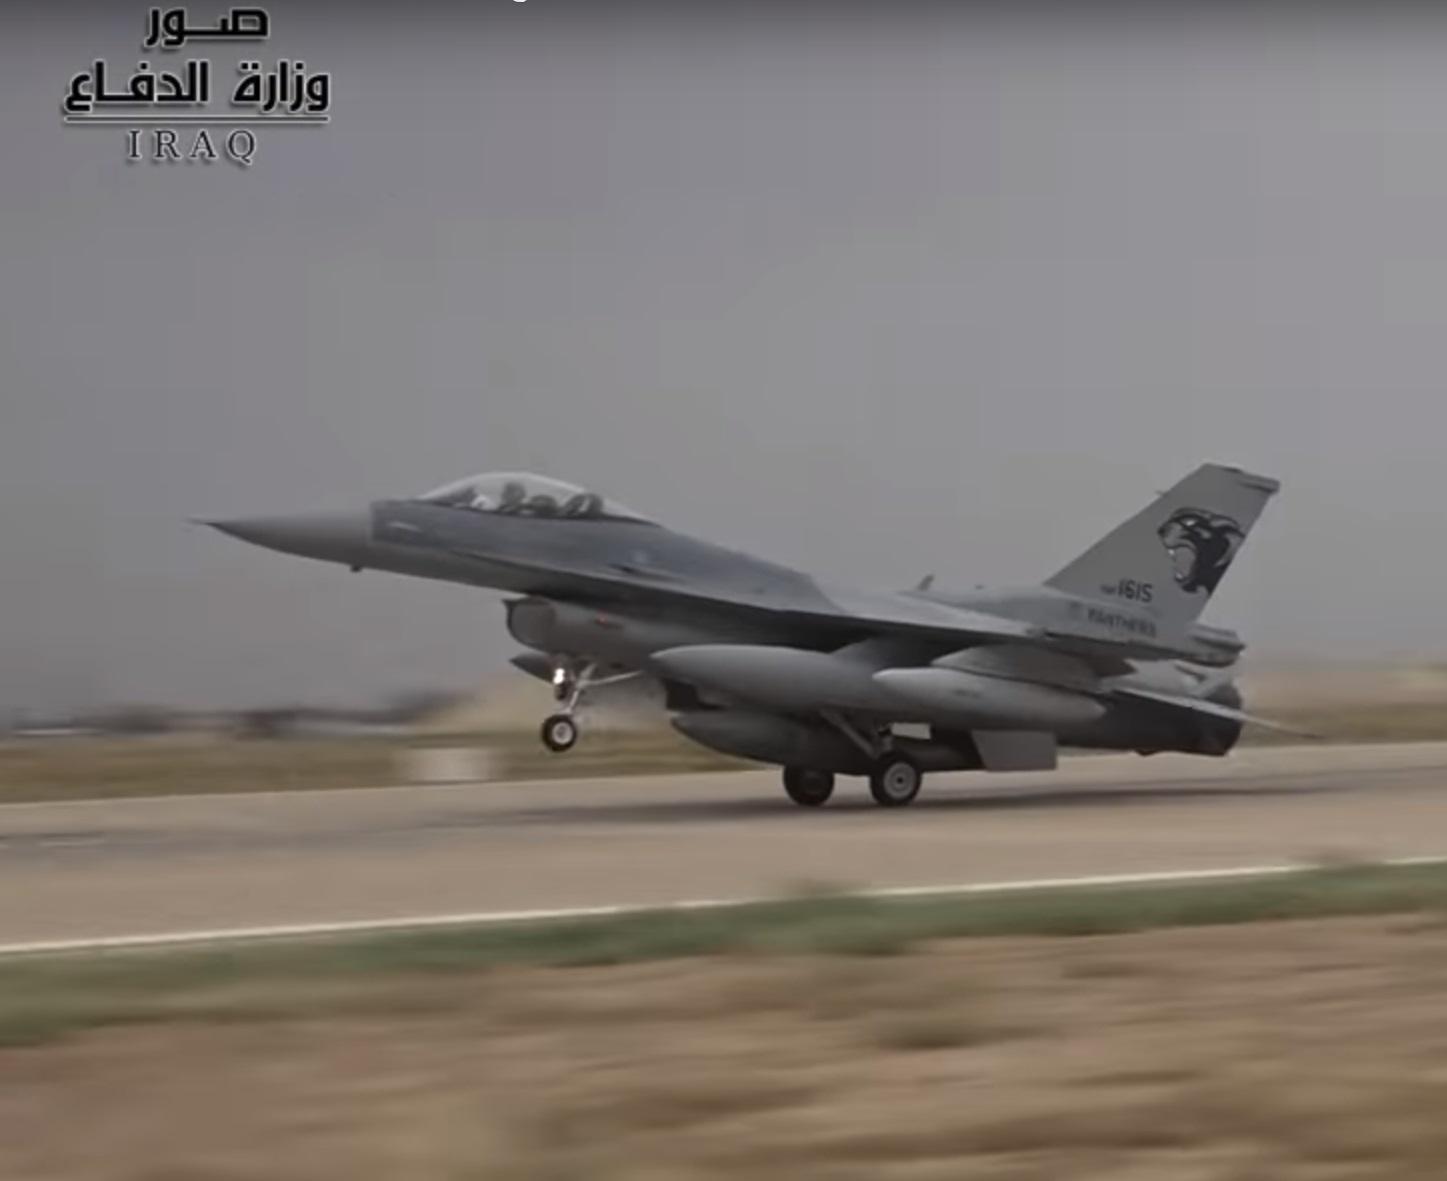 صفقه مقاتلات F-16 للعراق .......متجدد  - صفحة 32 6827733_original